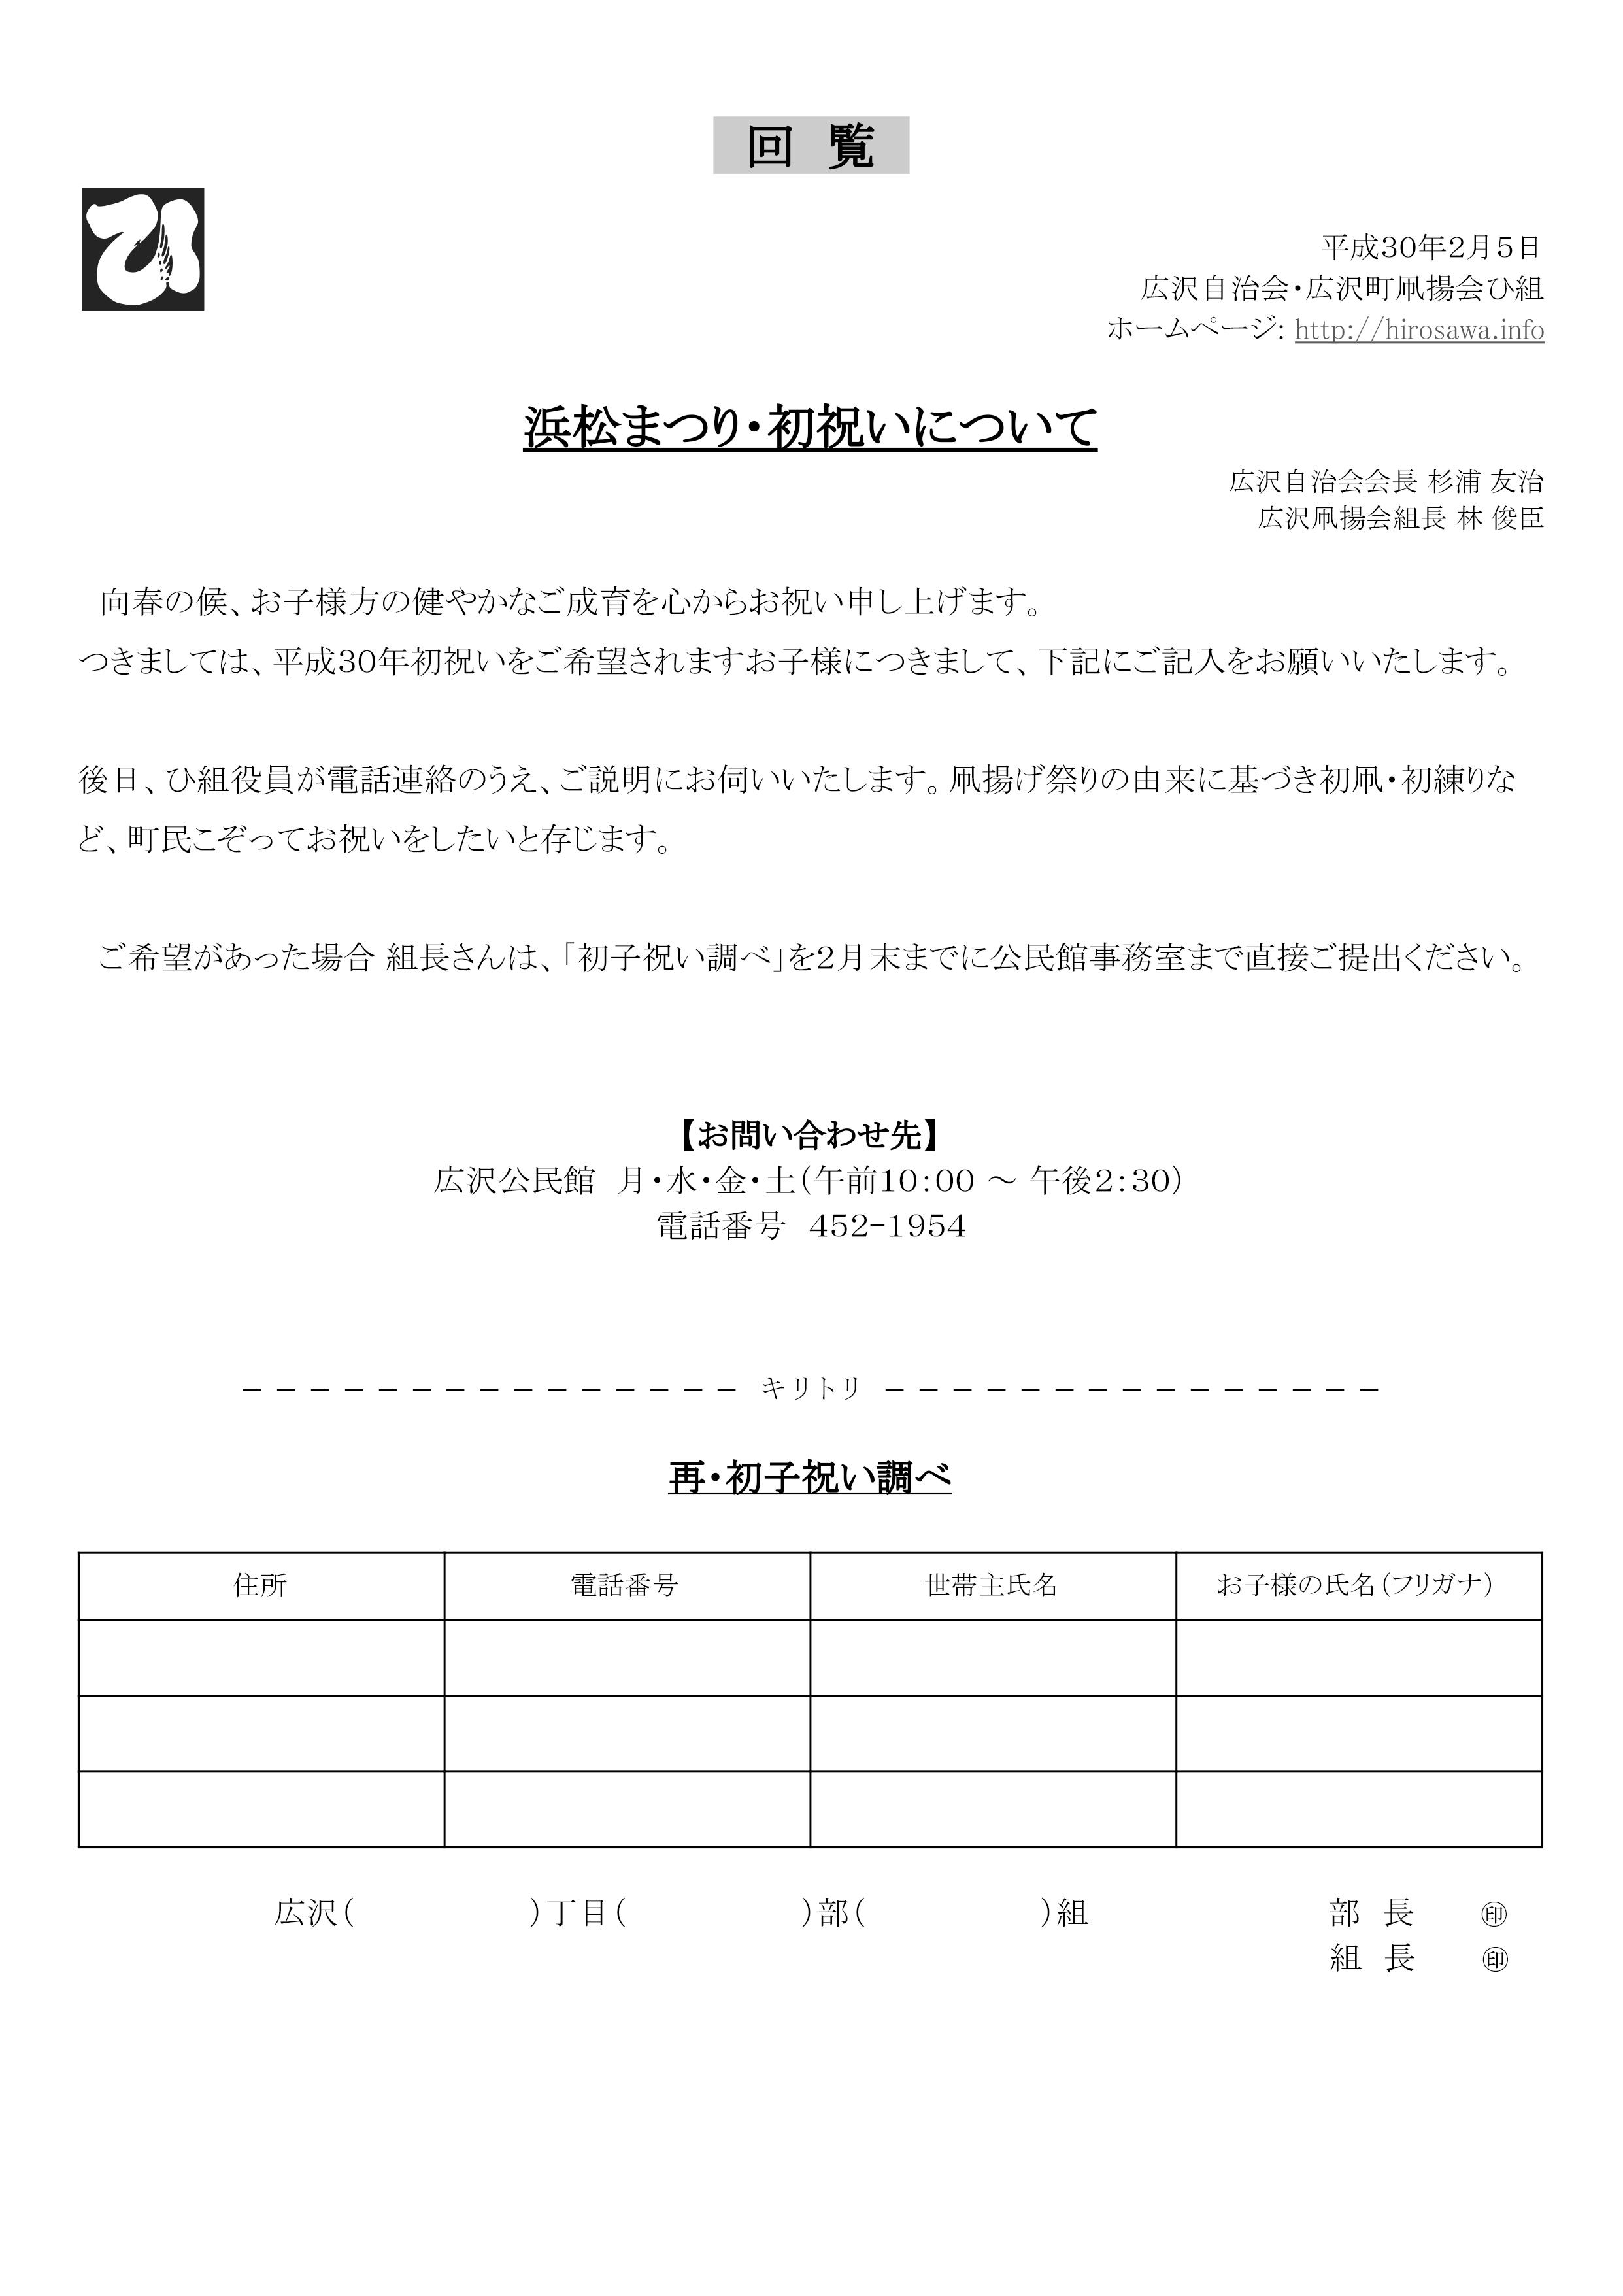 【回覧】浜松まつり・初祝いについて